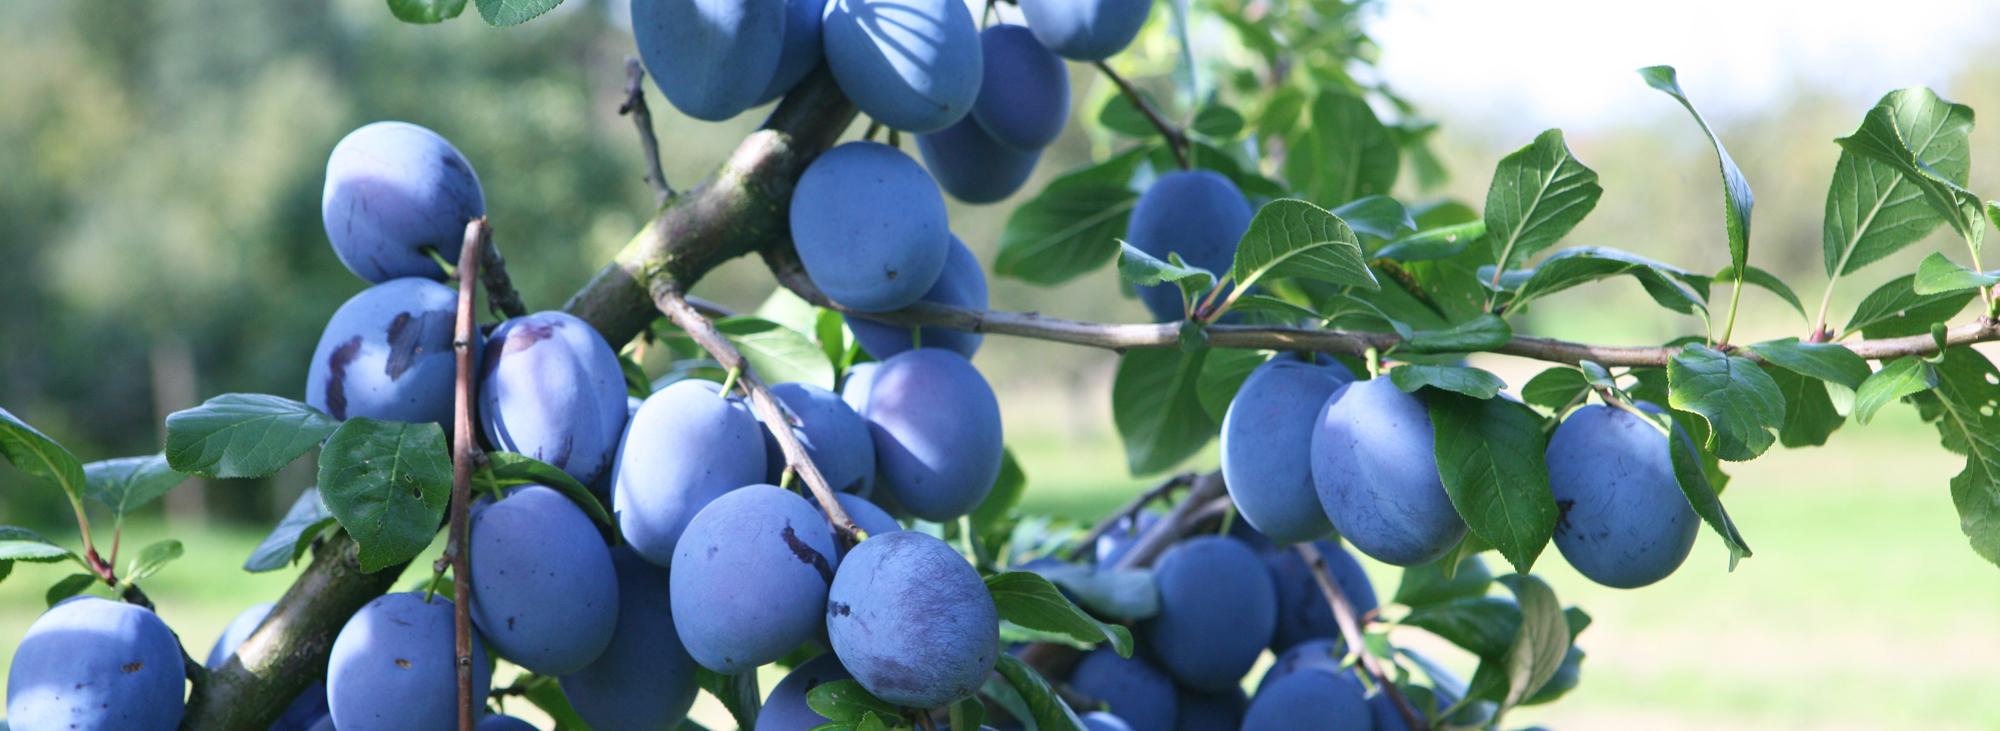 Zwetschgen Stausee-Obst